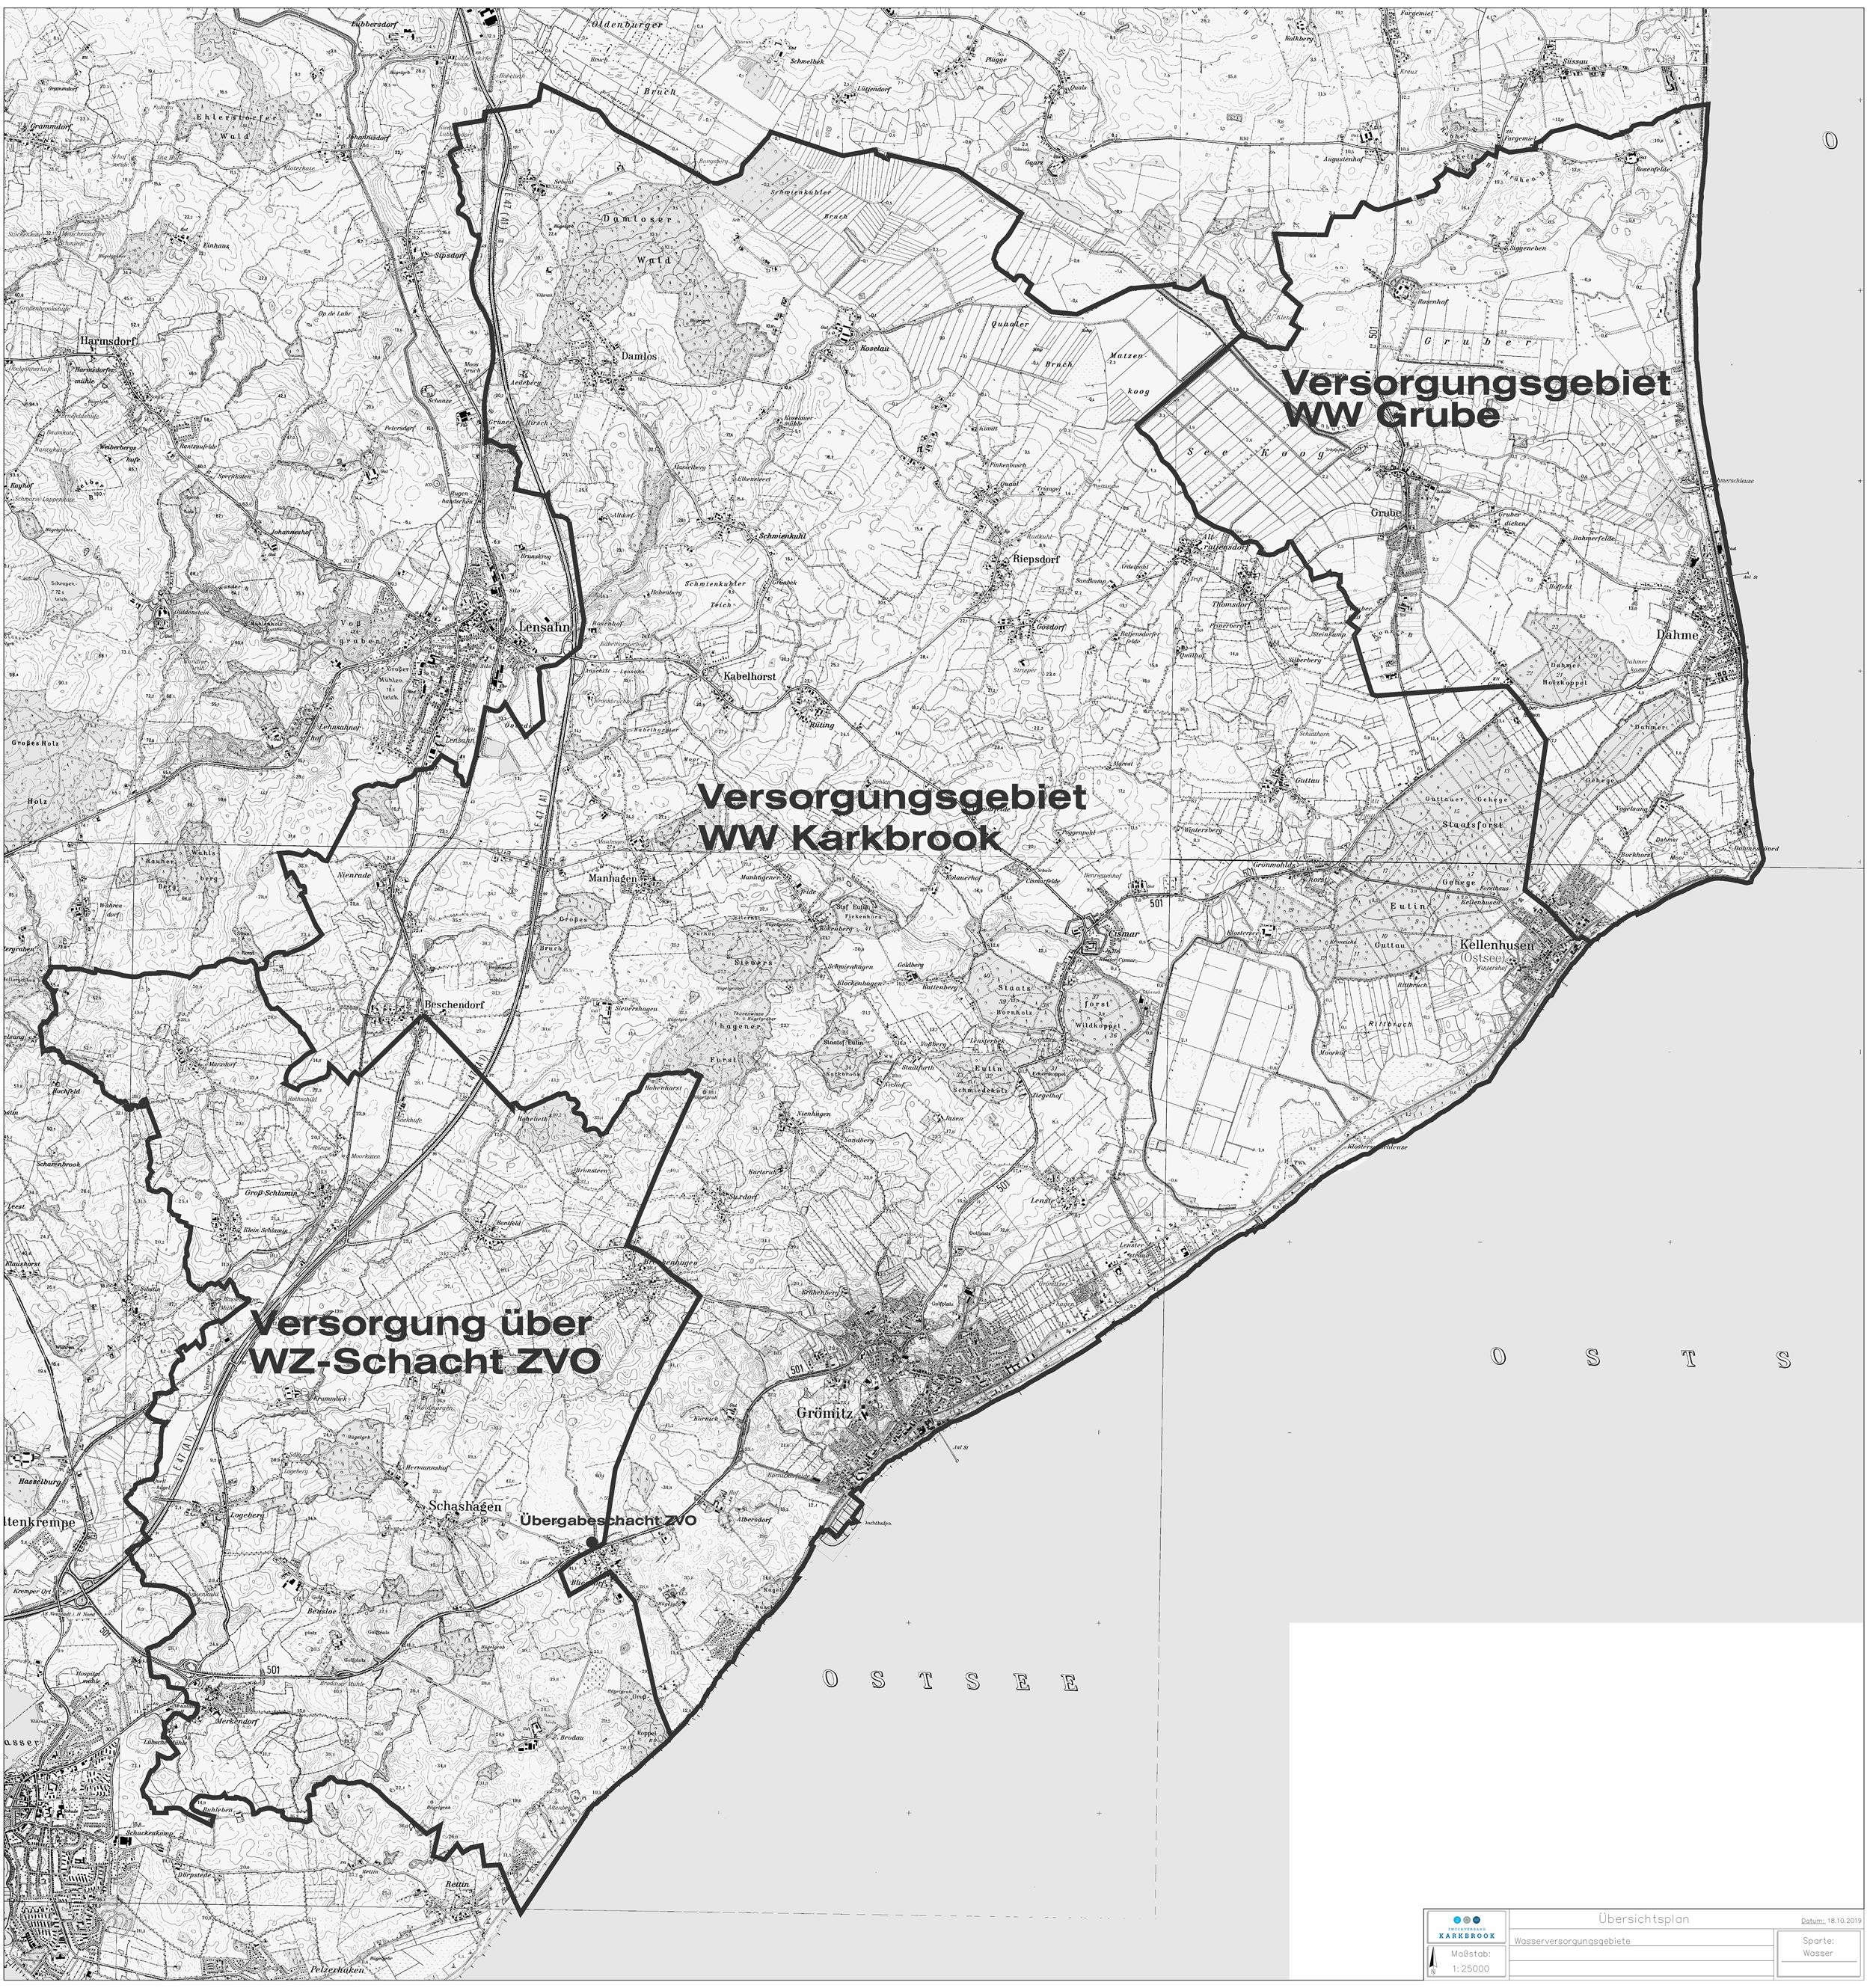 Wasserversorgung Zweckverband Karkbrook